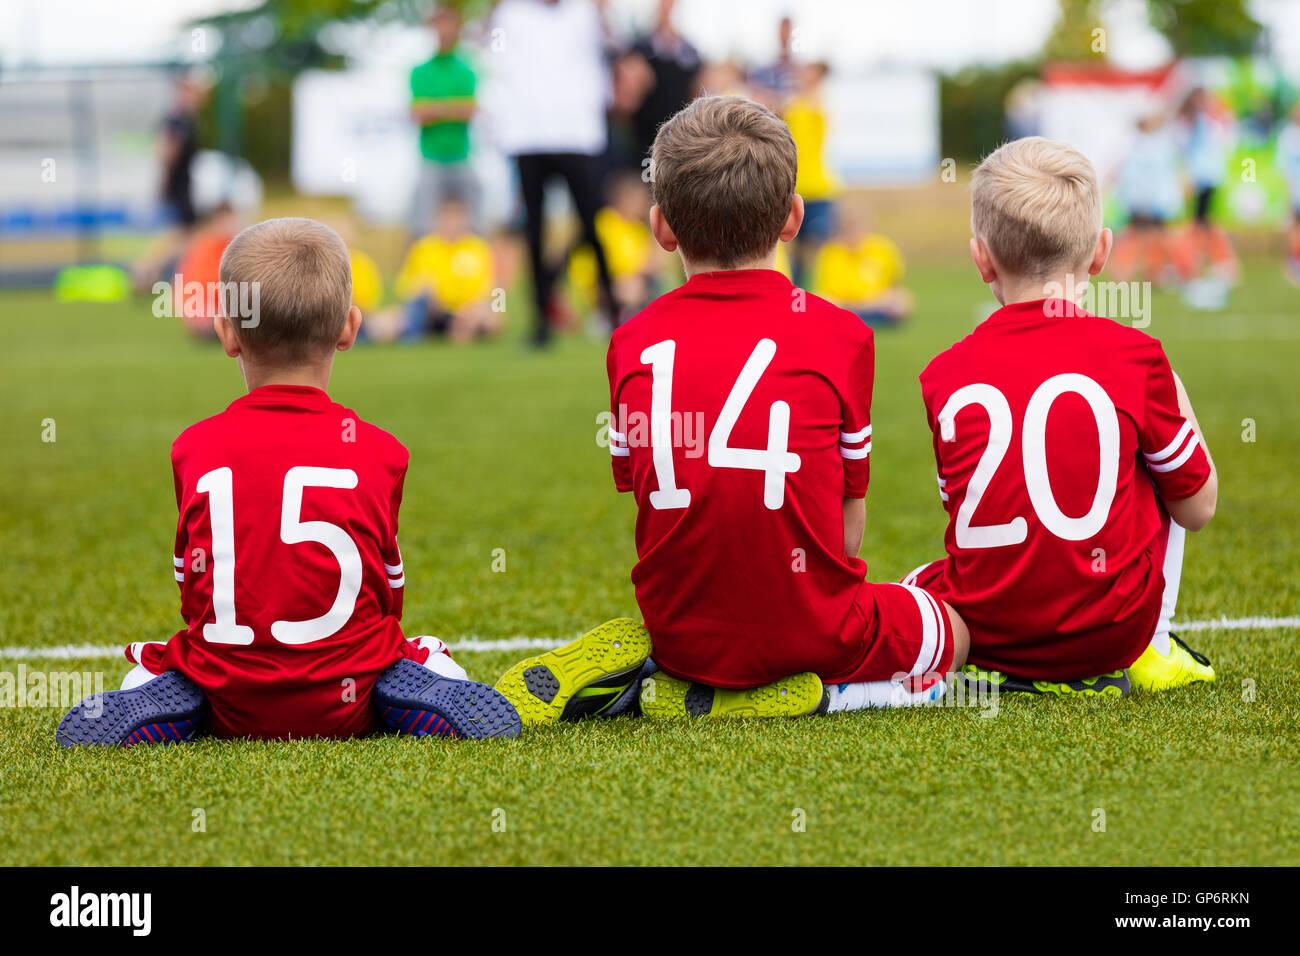 5a9edfe81f68a Los muchachos en el equipo de fútbol sentados juntos en el campo de  deportes. Los